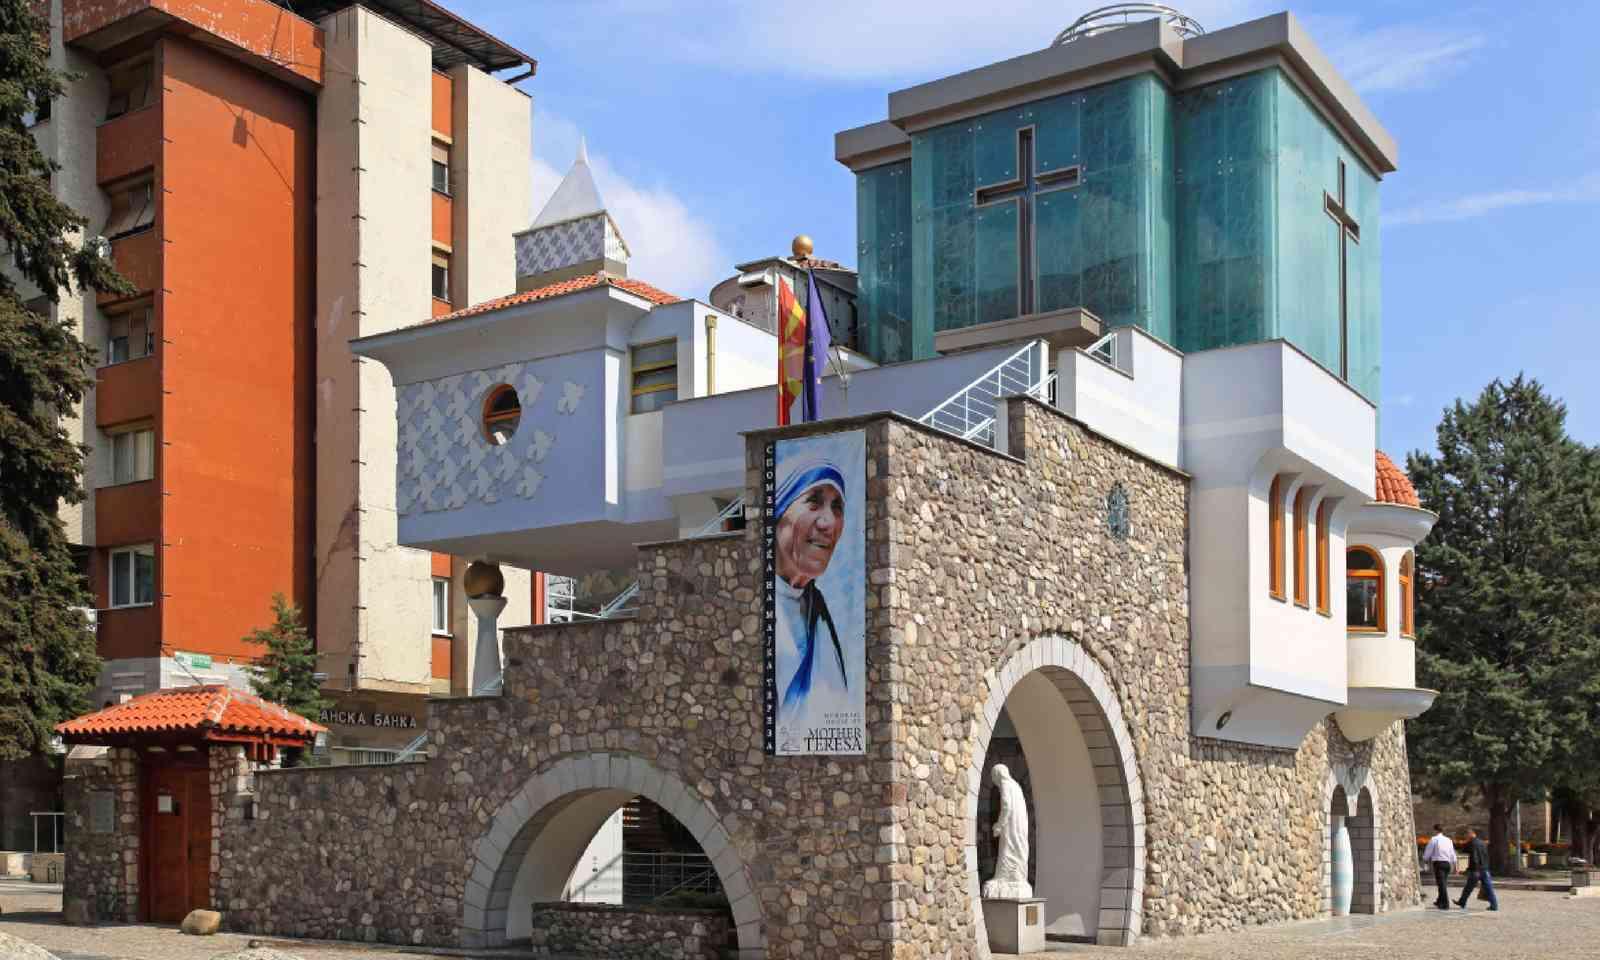 Memorial House of Mother Teresa (Shutterstock)